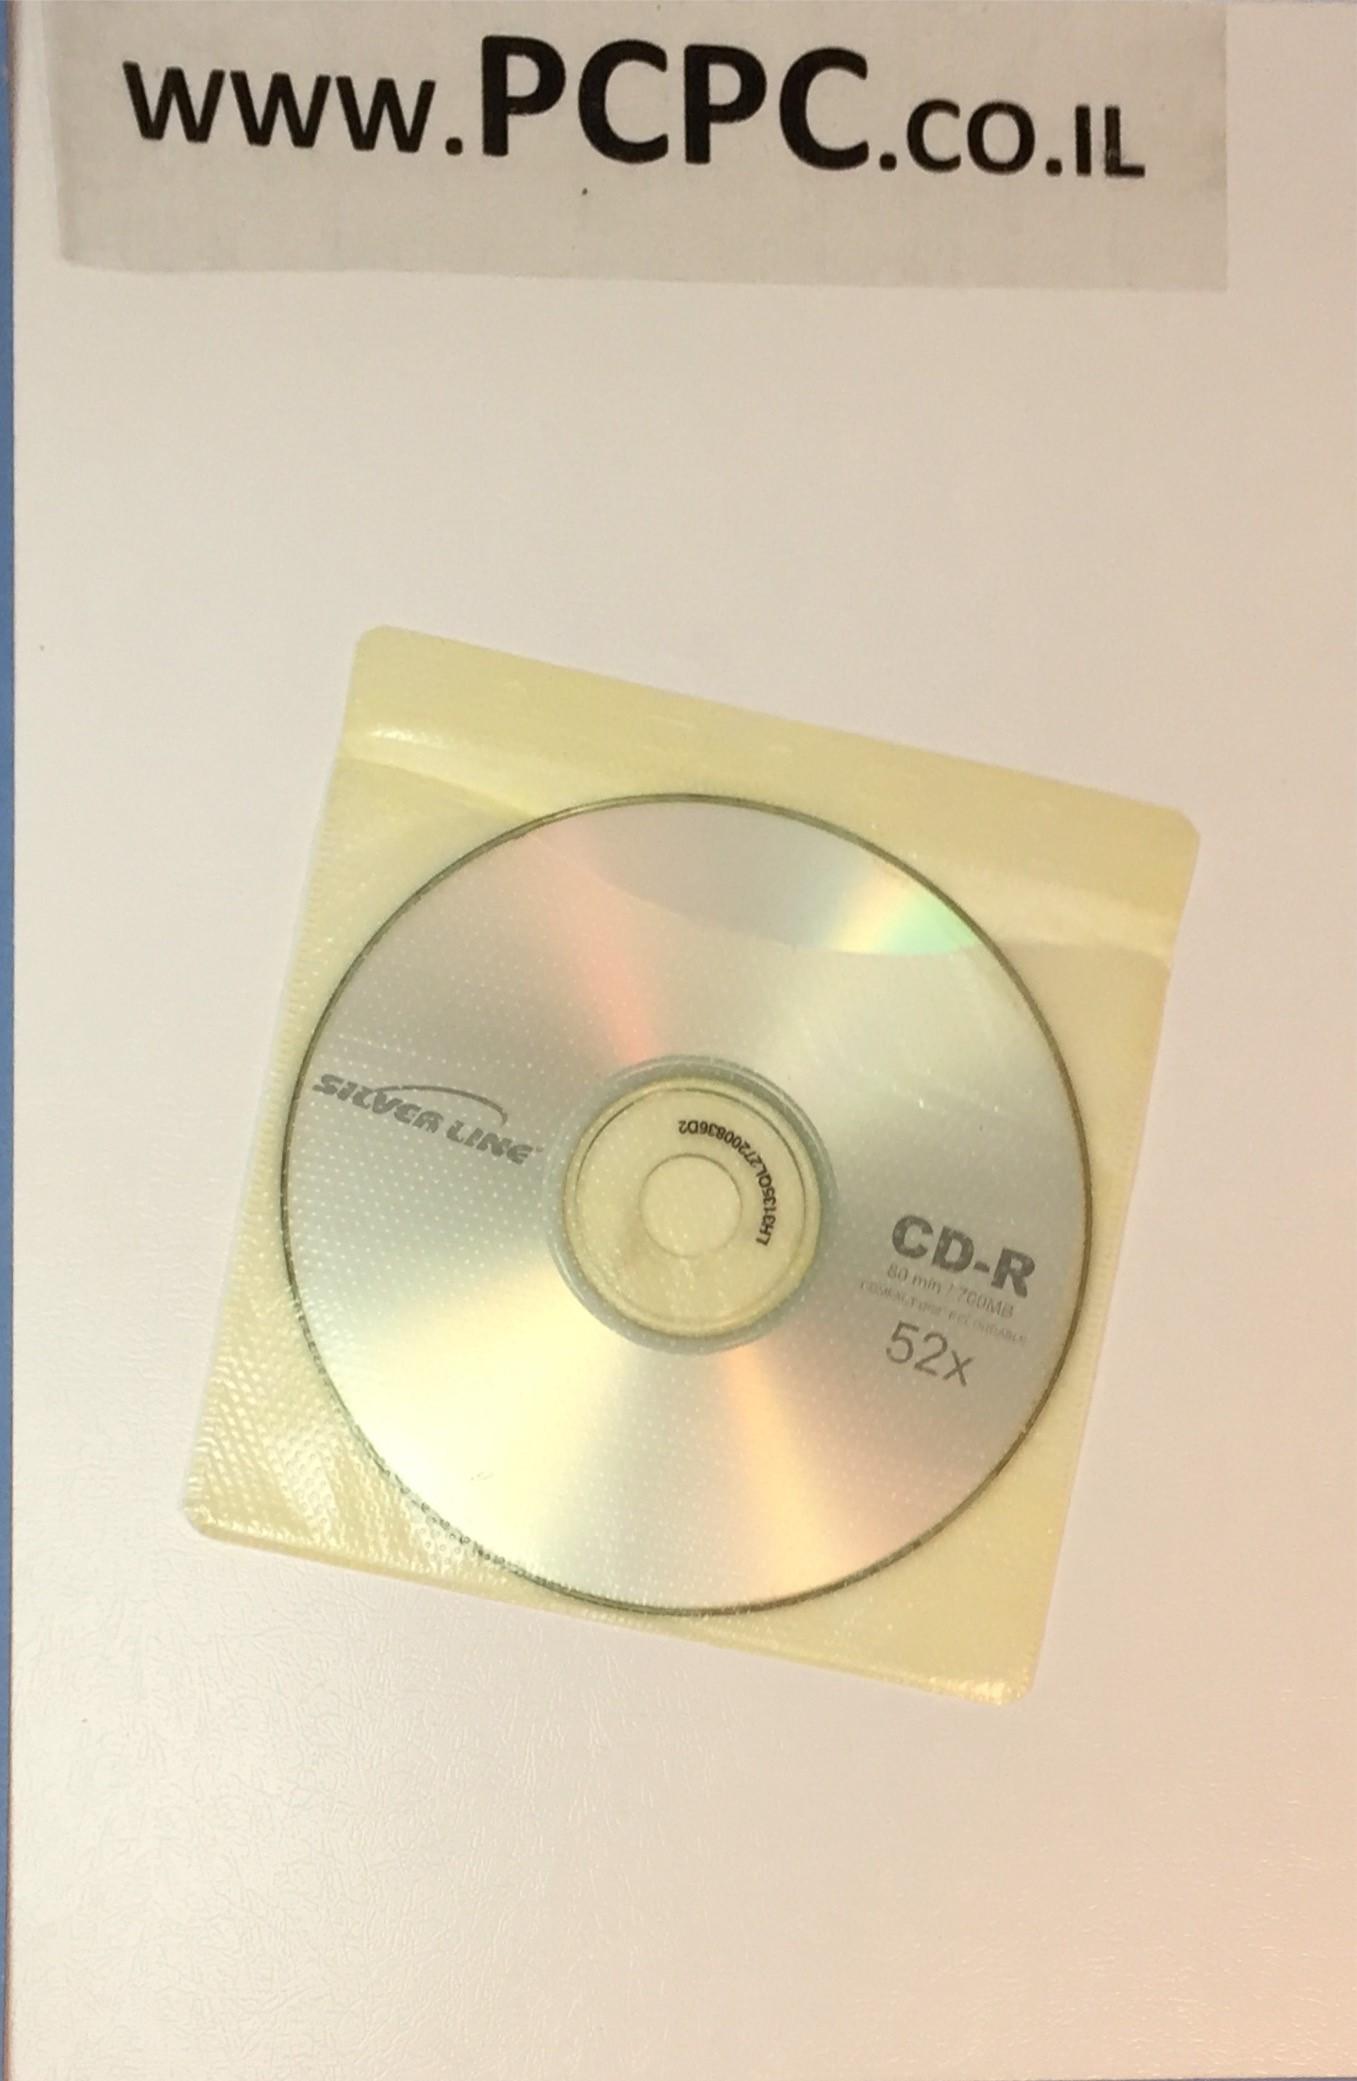 מעטפות נייר צבעוניות עם חלון לדיסק 100 יחידות